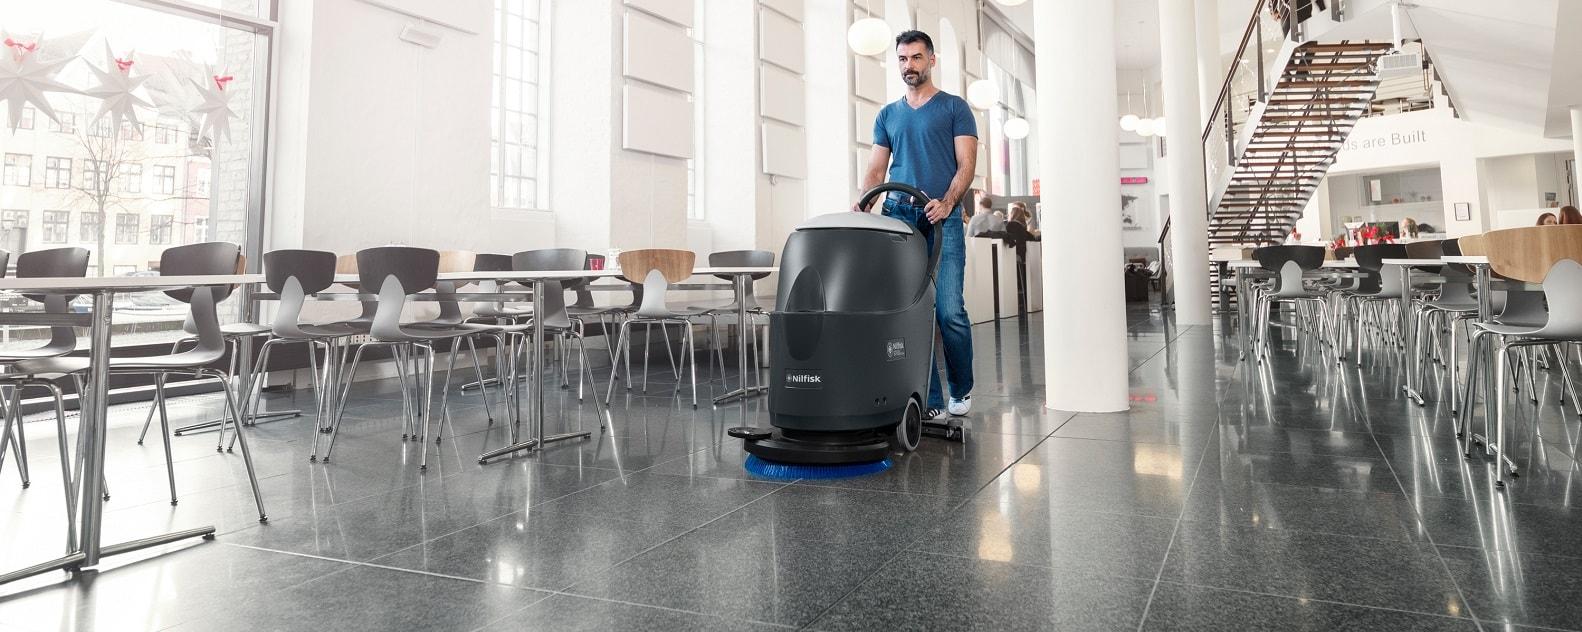 نظافت صنعتی با دستگاه شستشوی کف، اسکرابر صنعتی